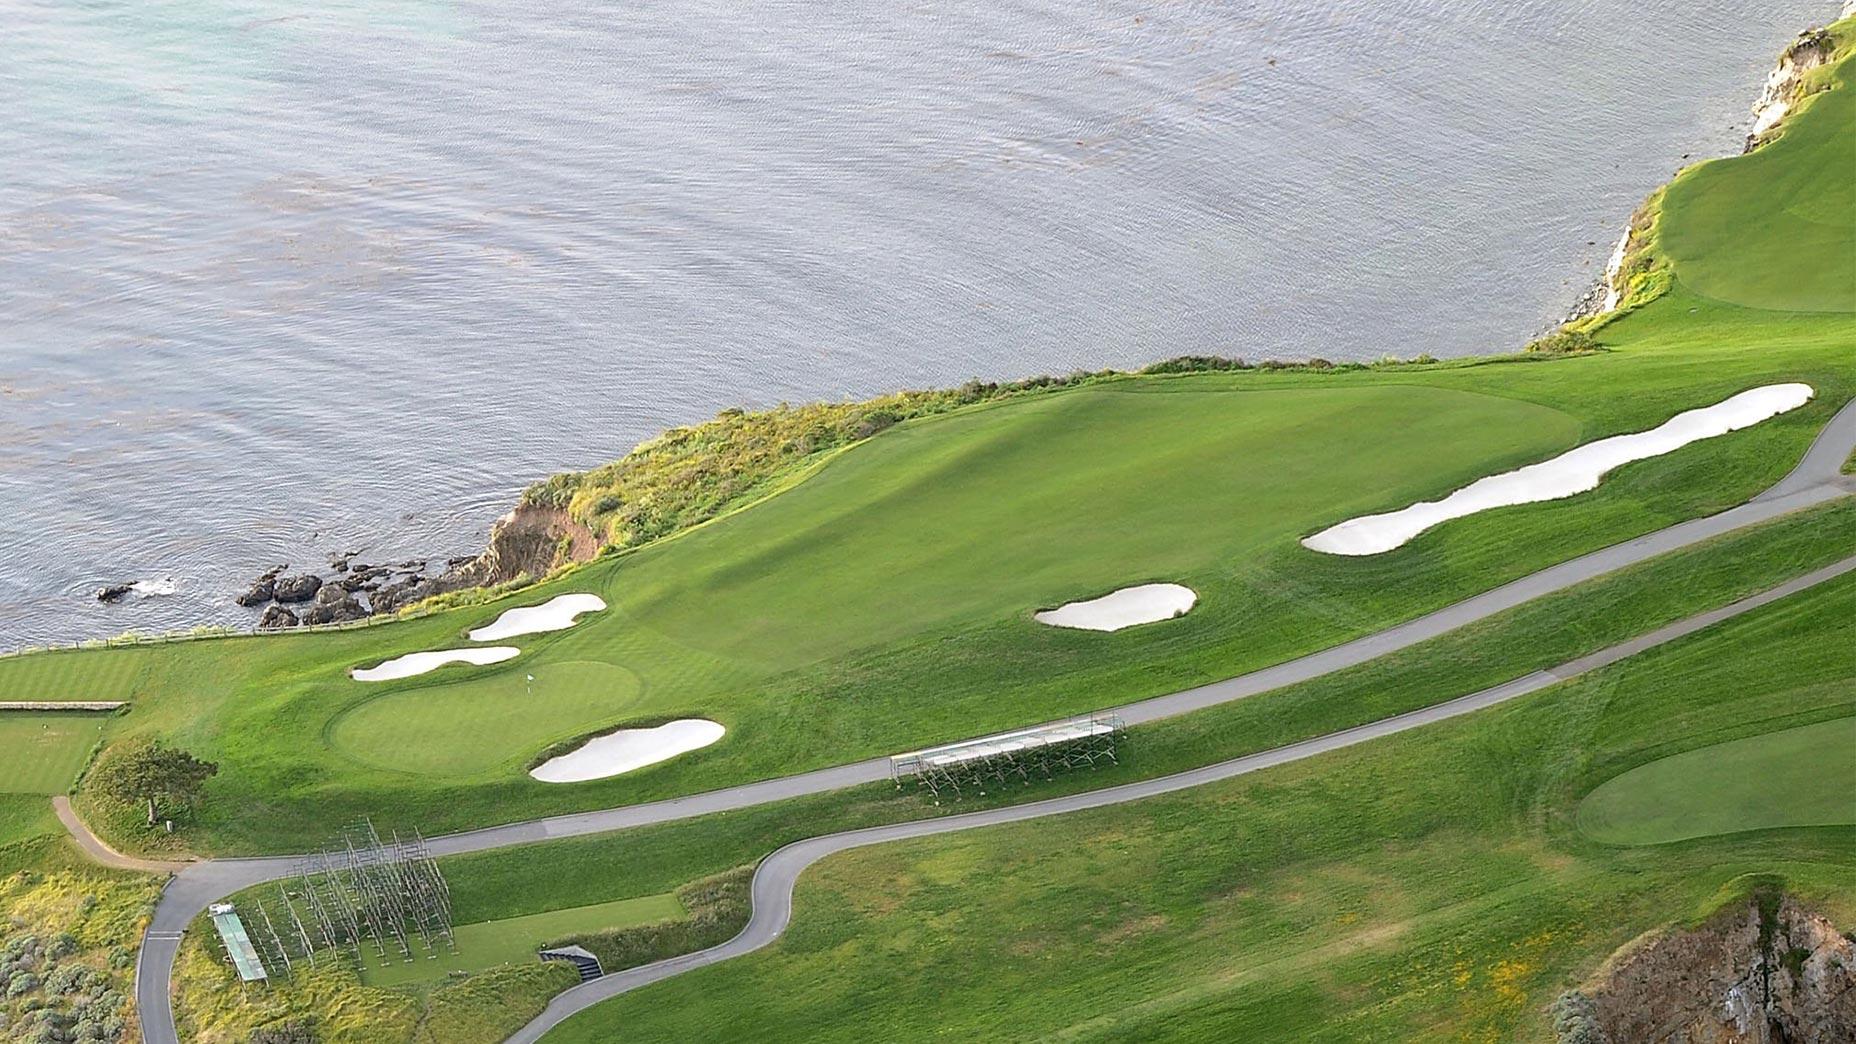 The par-5 6th hole at Pebble Beach Golf Links.